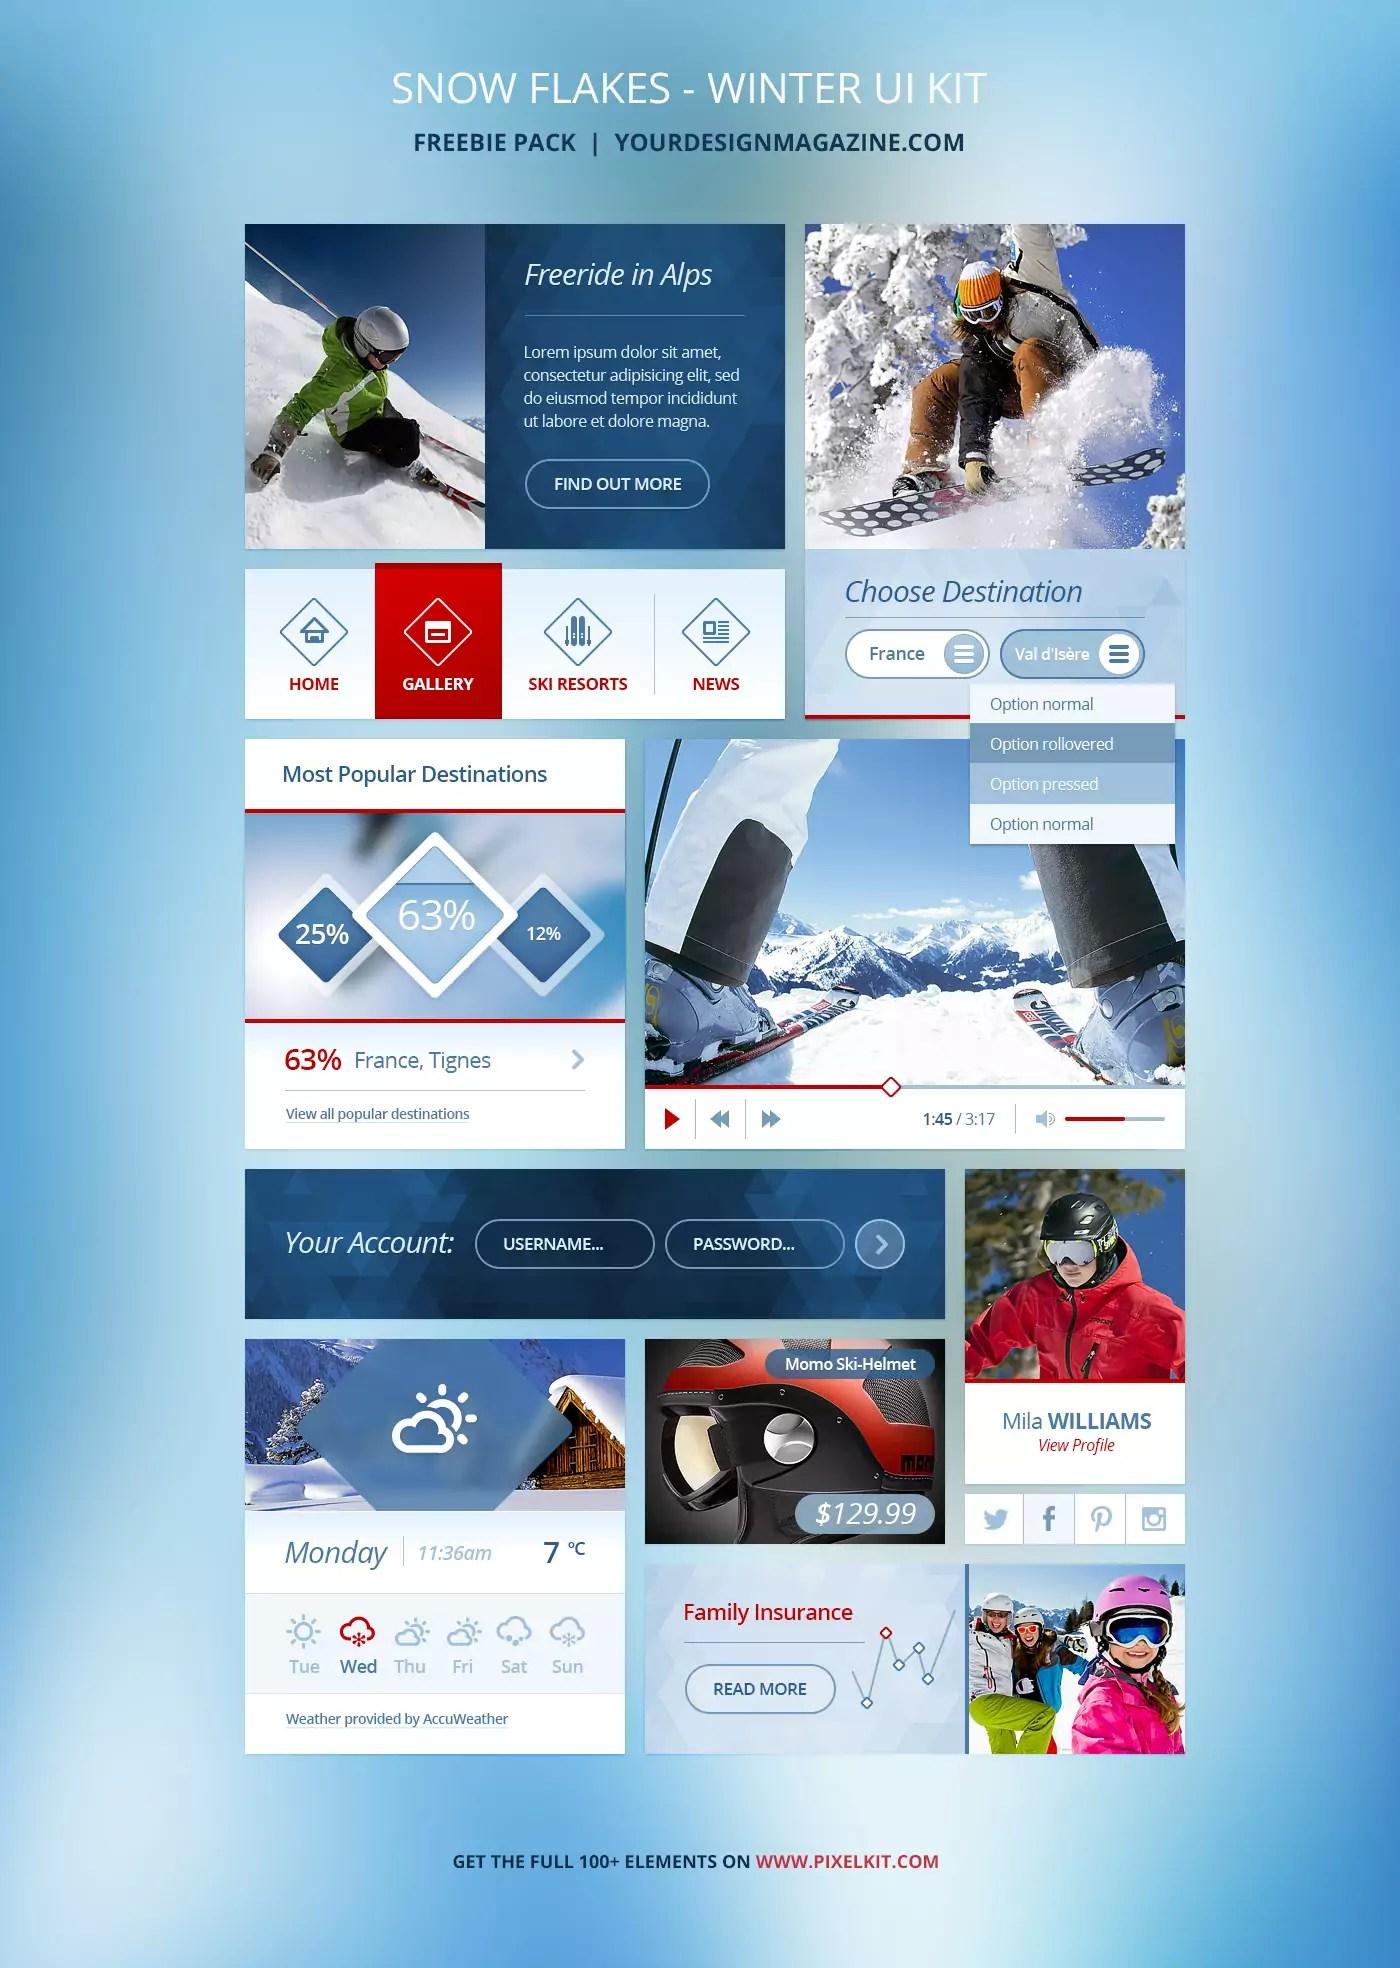 Freebie_SnowFlakes_yourdesignmagazine.com